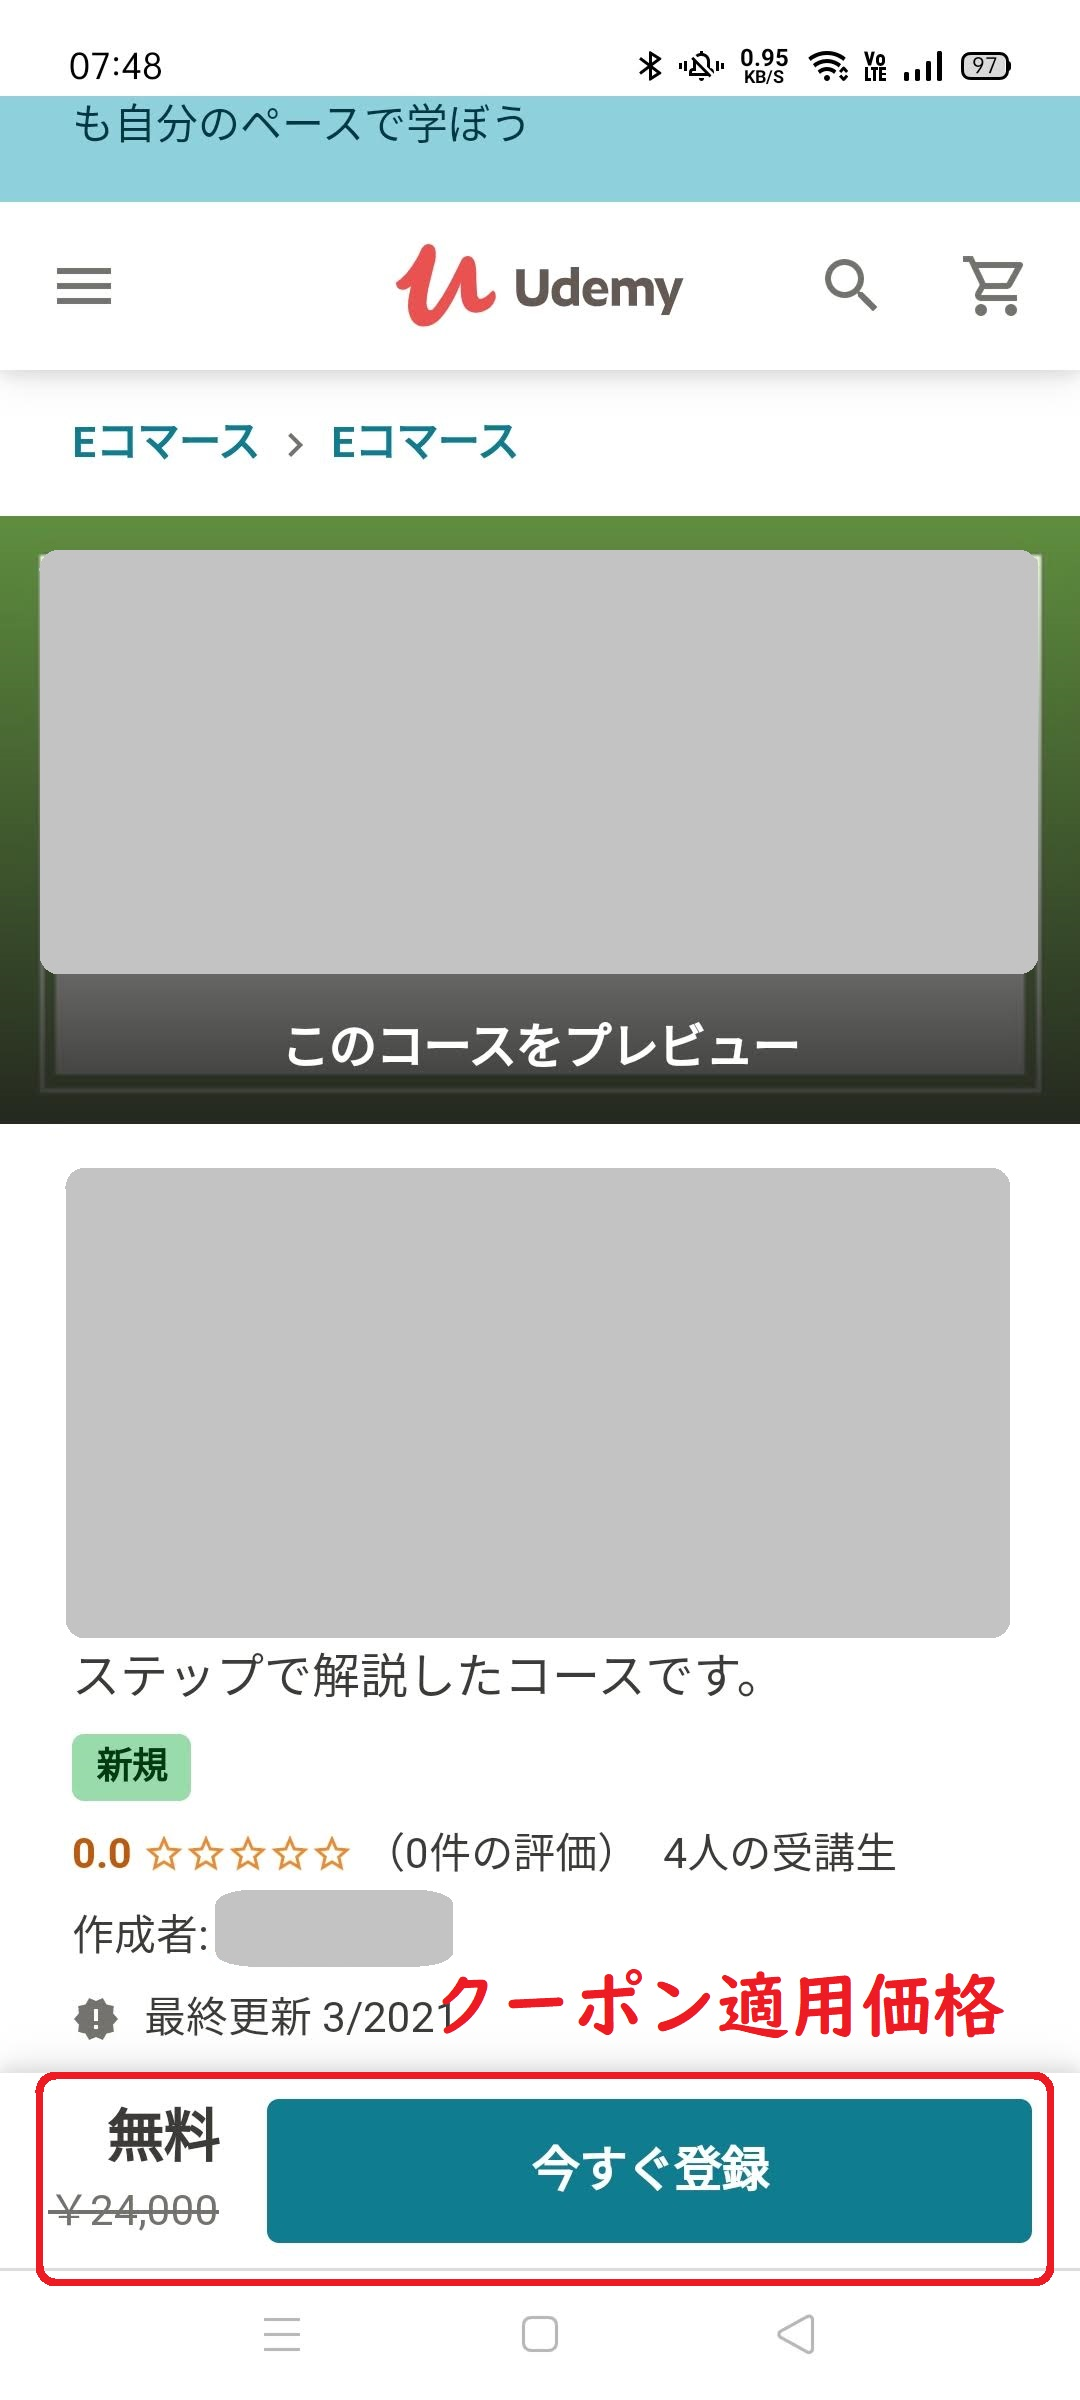 Udemyクーポン適用URLを使った画面